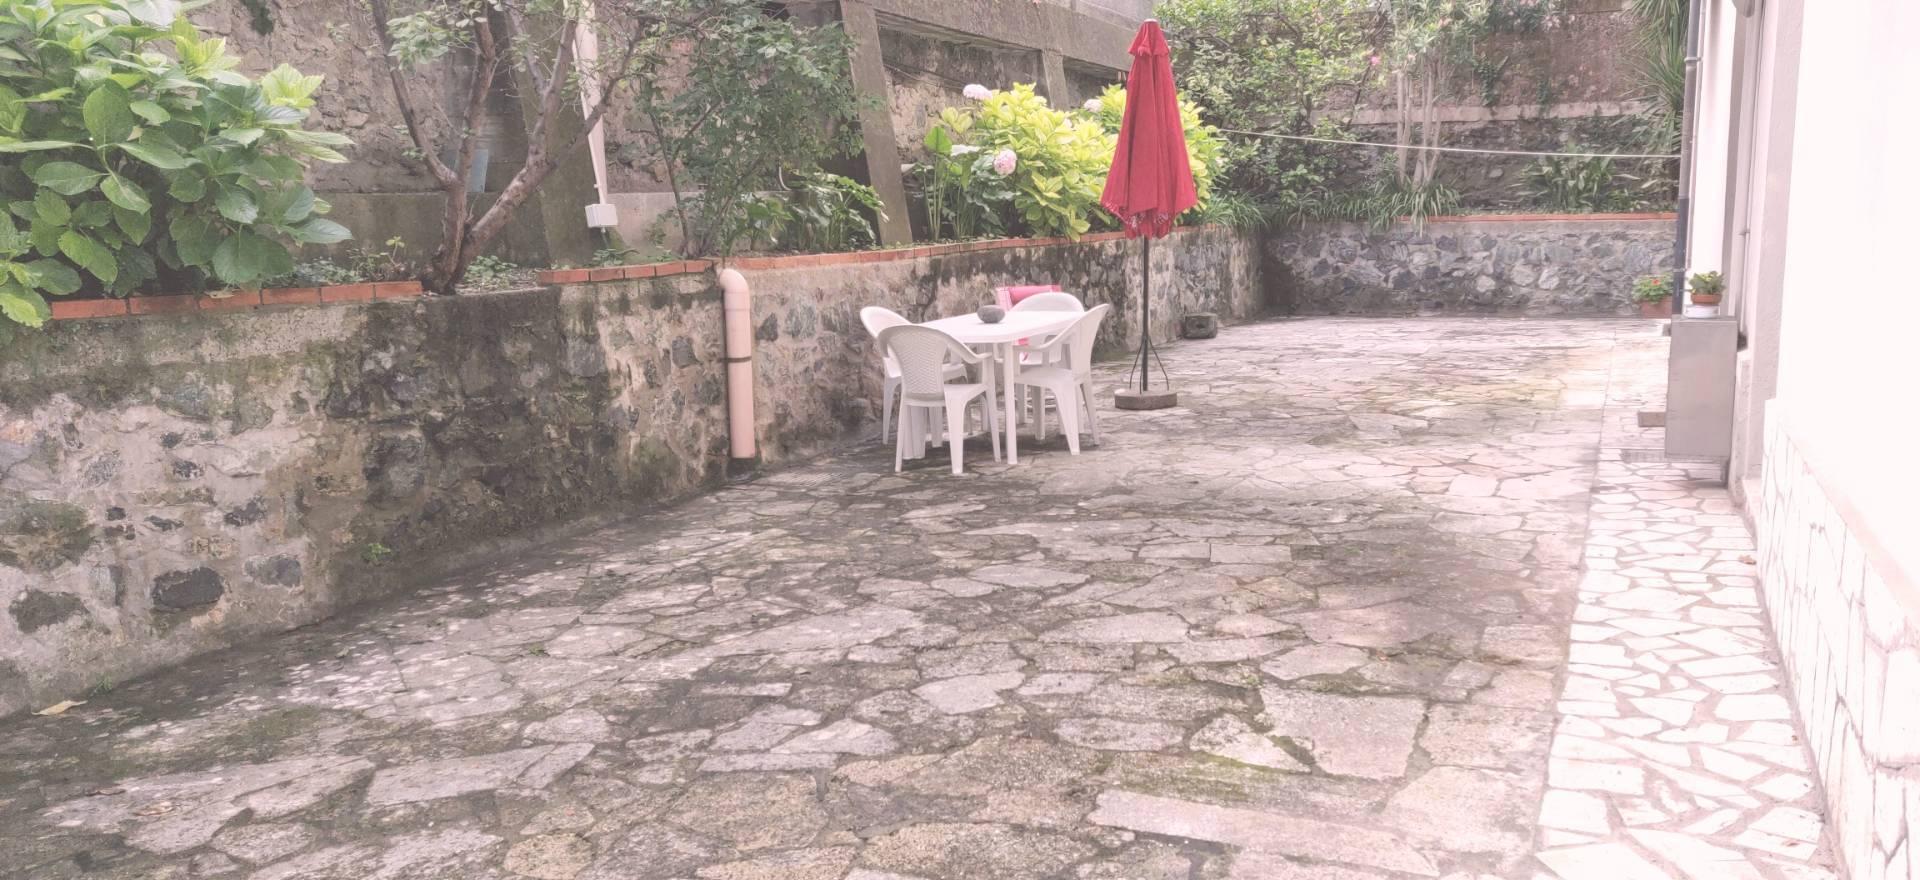 Appartamento in affitto a Arenzano, 3 locali, zona Località: CentroStorico, prezzo € 2.000 | PortaleAgenzieImmobiliari.it